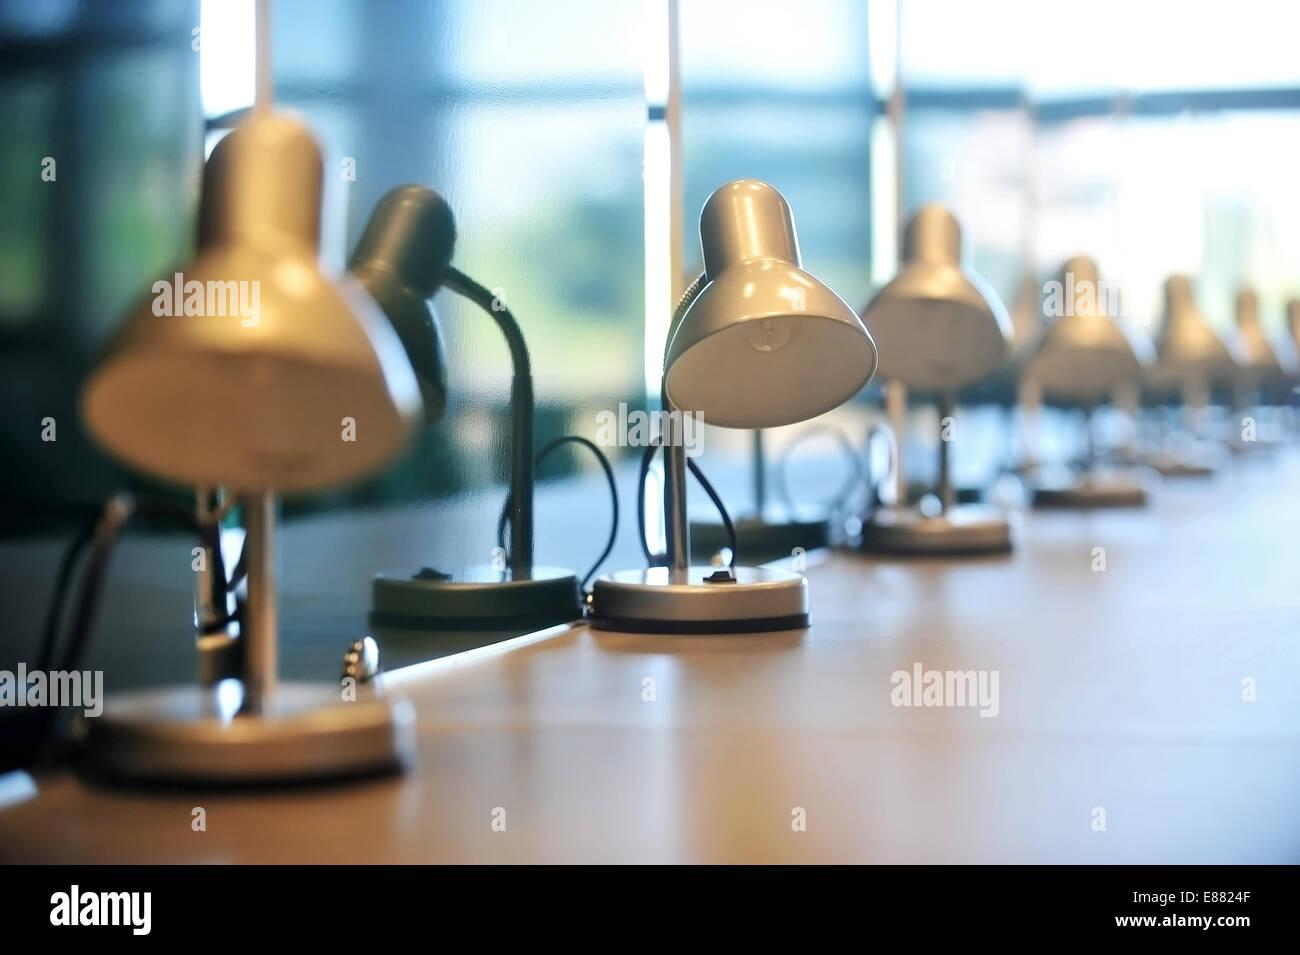 Varias lámparas de lectura de la biblioteca en una fila sobre un escritorio Imagen De Stock